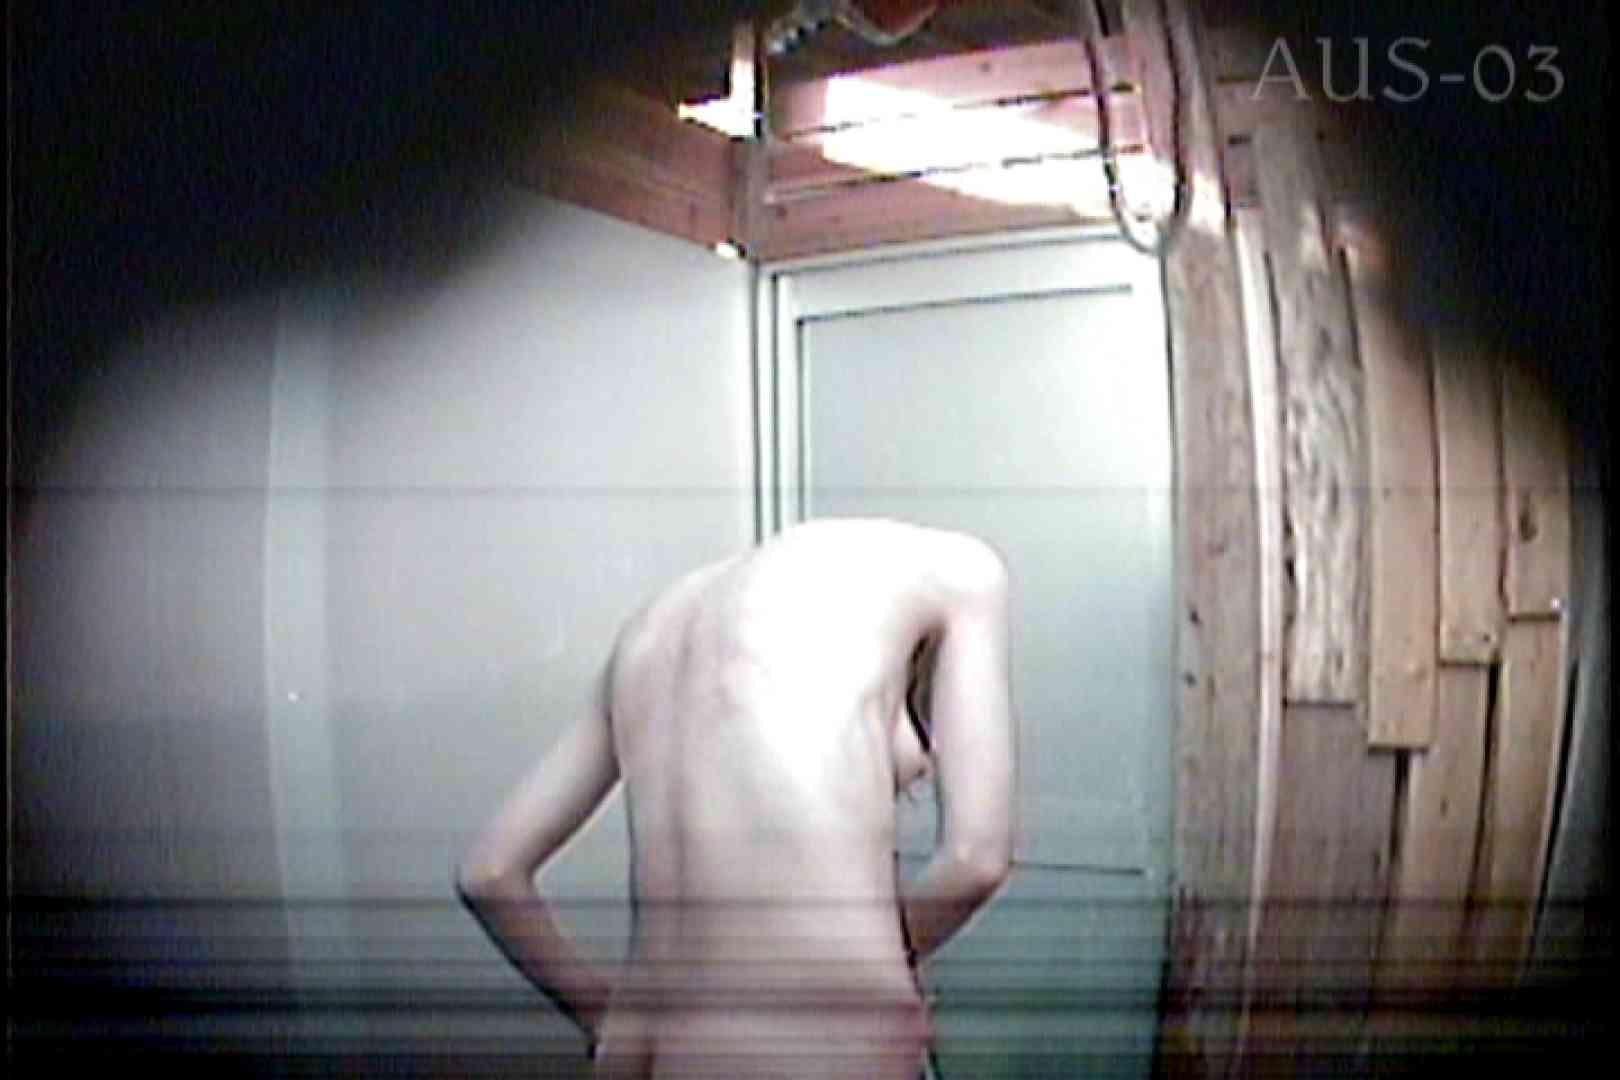 海の家の更衣室 Vol.10 高画質 性交動画流出 76画像 64